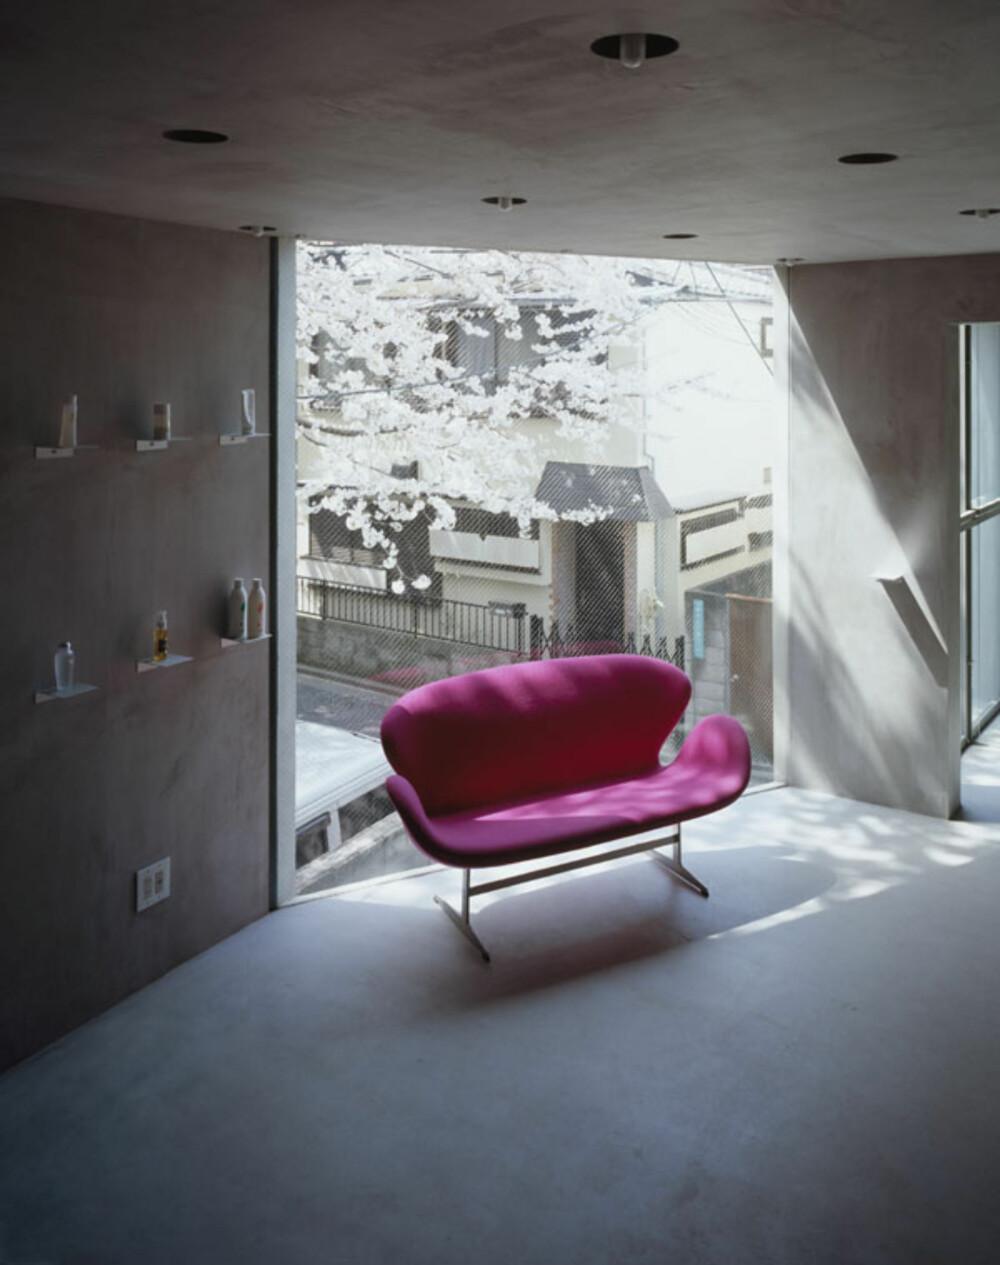 FARGEKLATT: En knall rosa sofa fungerer som en fargeklatt i det ellers nakne interiøret.